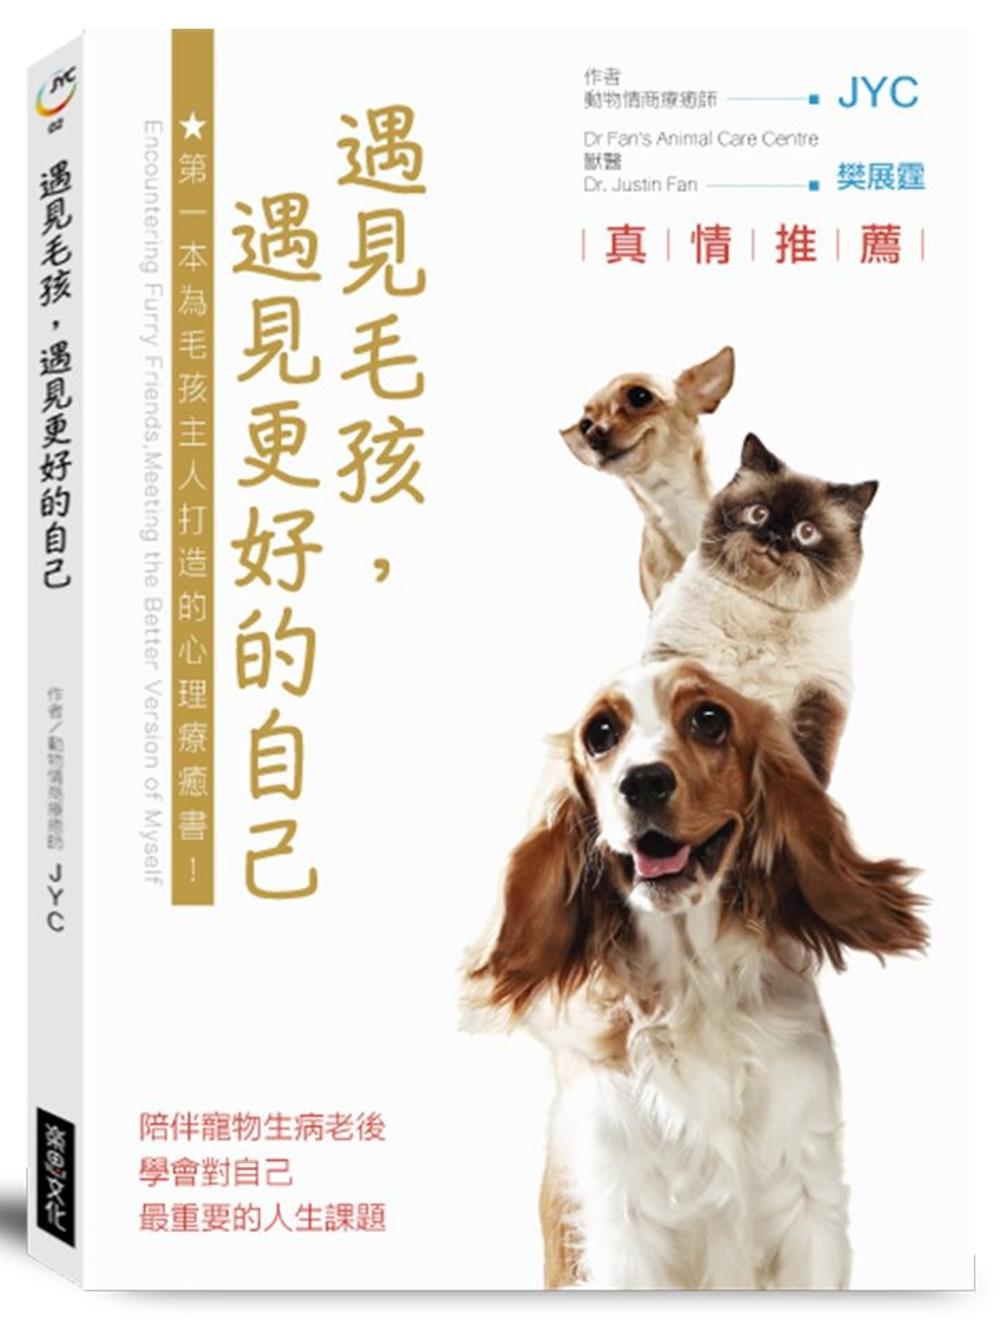 遇見毛孩,遇見更好的自己:陪伴寵物生病老後,學會對自己最重要的人生課題